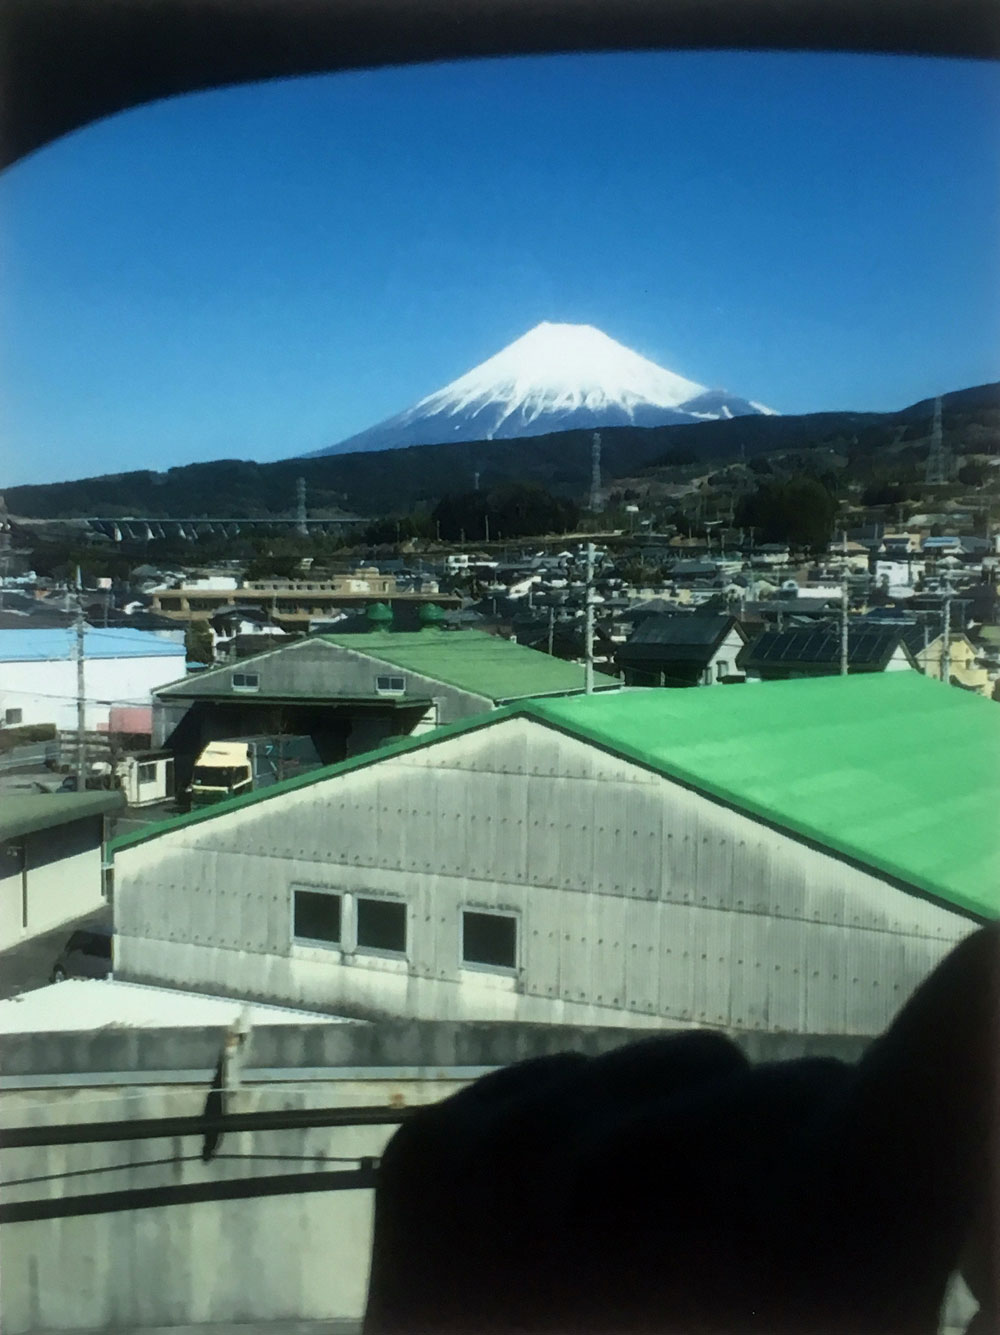 東京 - 京都新幹線から肖像画とされた富士山 (Mount Fuji portraited from the Tokyo-Kyoto Shinkansen) (2017) - Diego Salvador Ríos